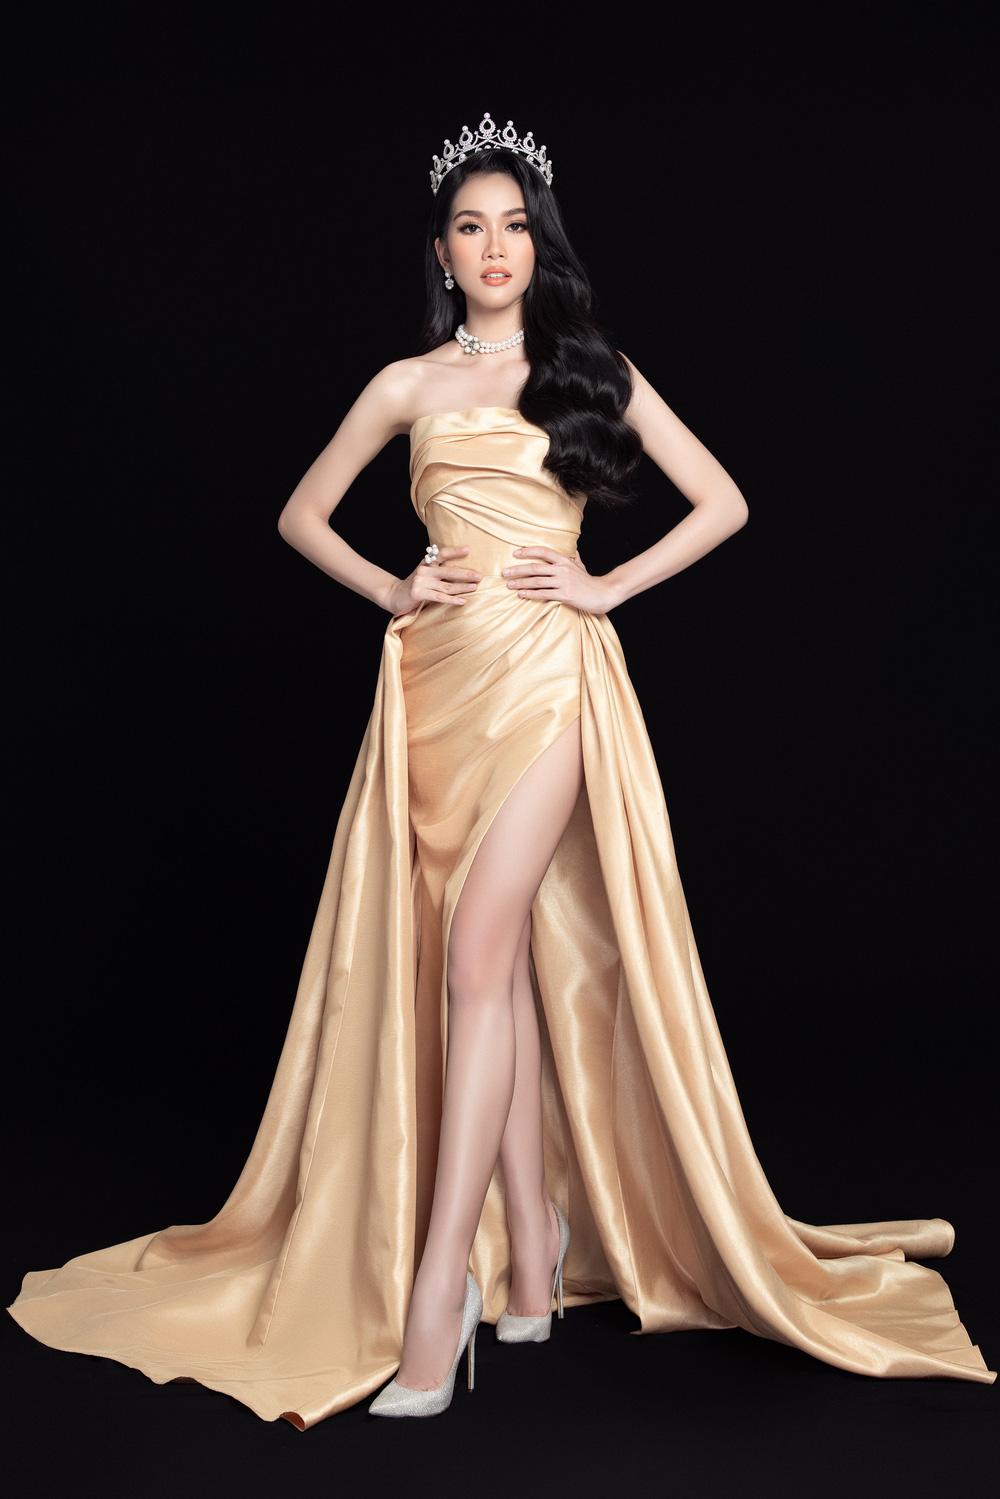 Hoa hậu Đỗ Thị Hà đọ sắc bên hai Á hậu sau 1 tháng đăng quang - Ảnh 9.